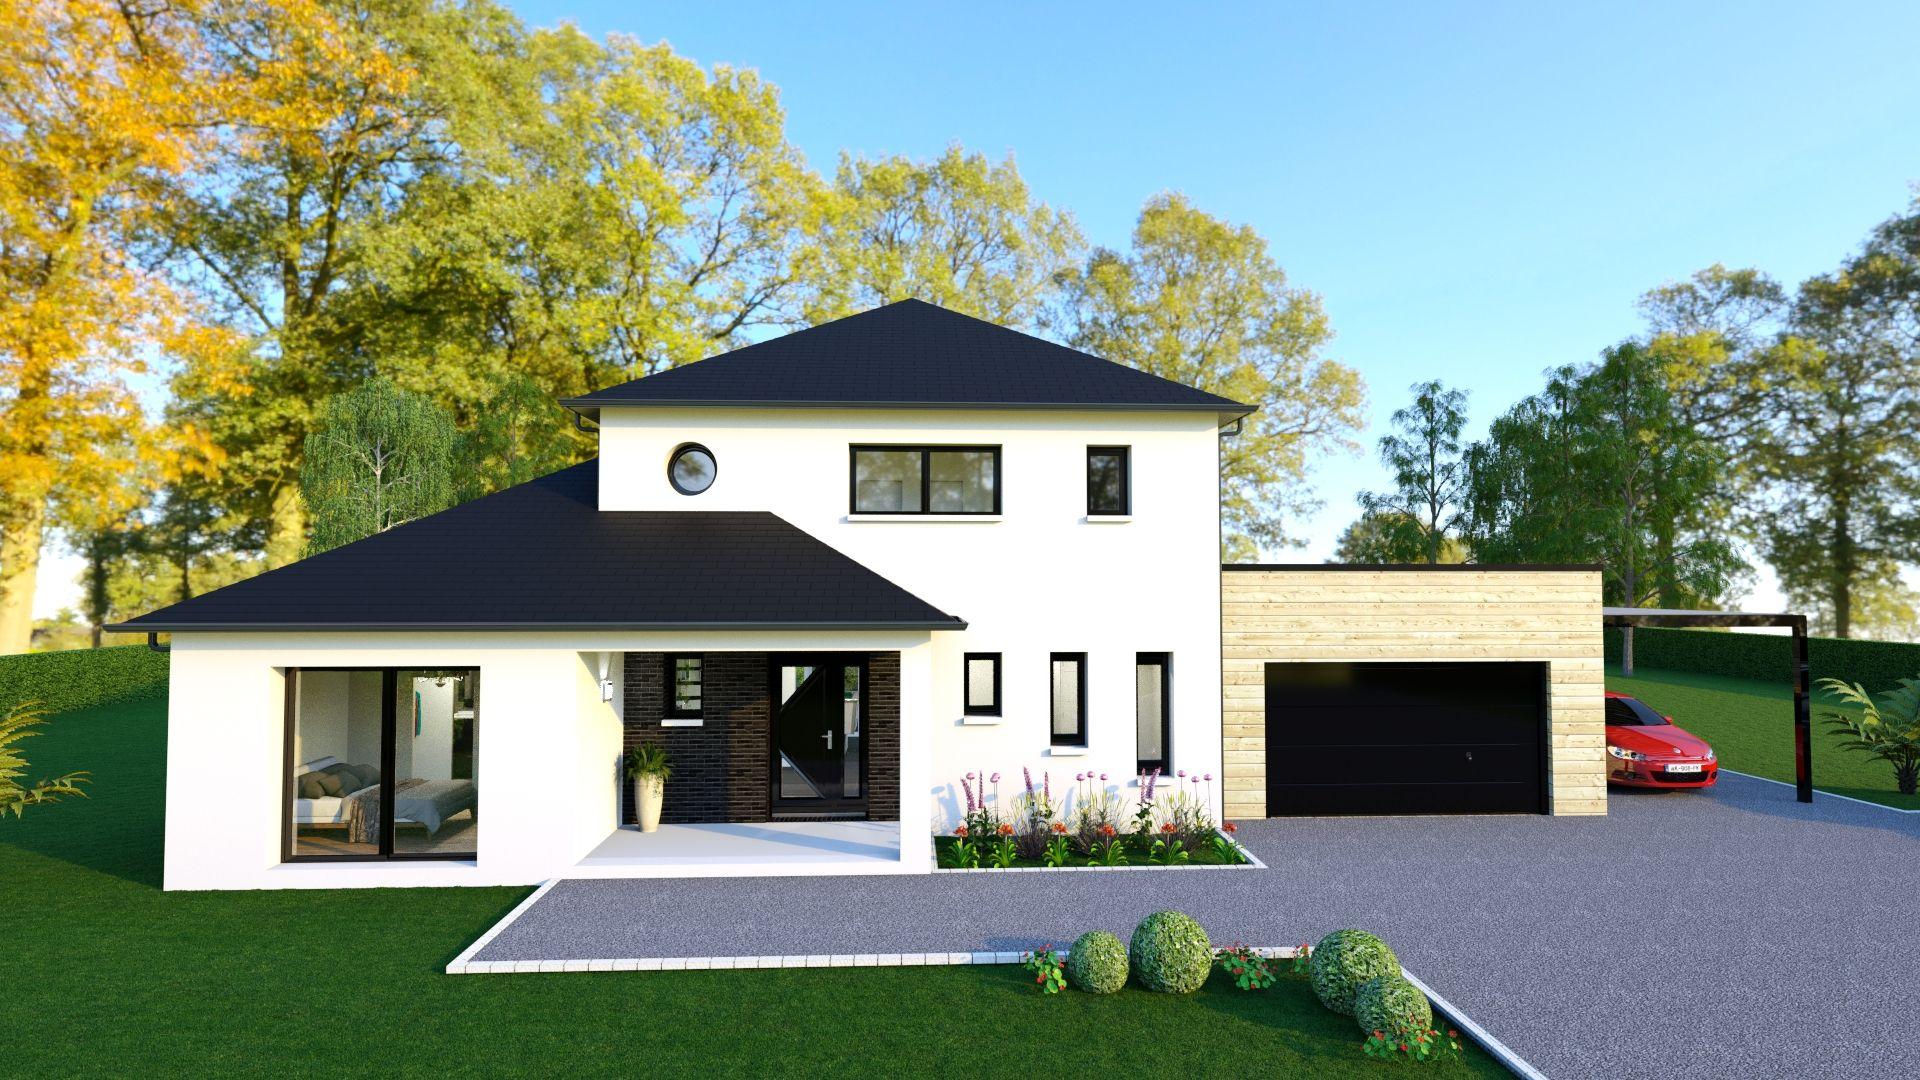 Maison En R 1 Avec 3 Chambres Dont 1 Suite Parentale 1 Bureau Garage A Toit Plat Maisonarlogisnormandi Maison Arlogis Modele Maison Moderne Maison Cubique